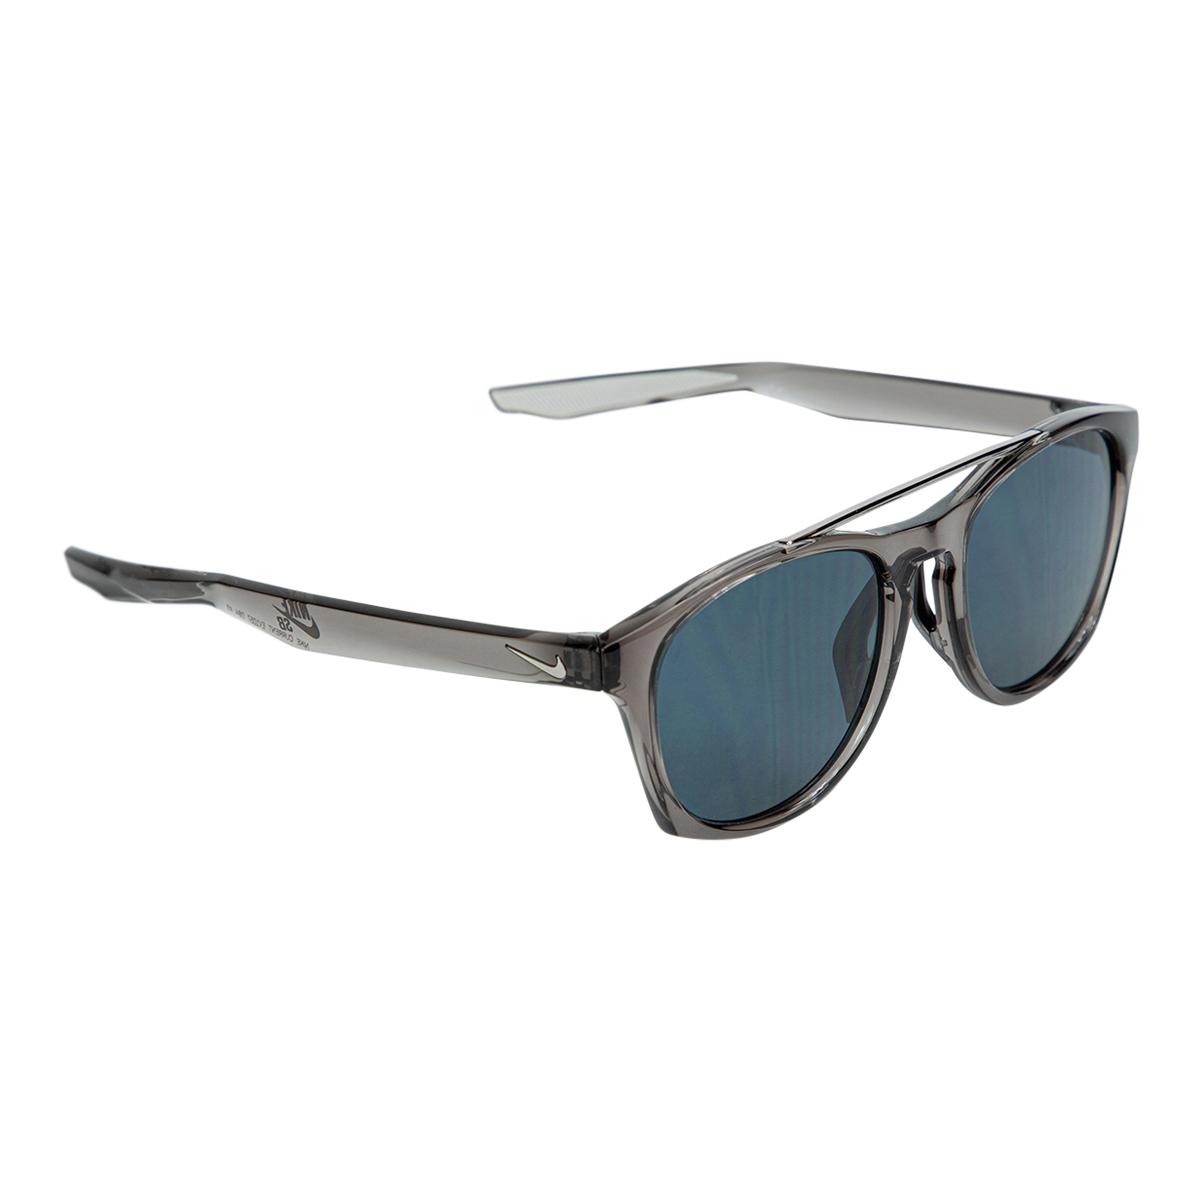 Nike-Current-EV1057-Sunglasses thumbnail 5